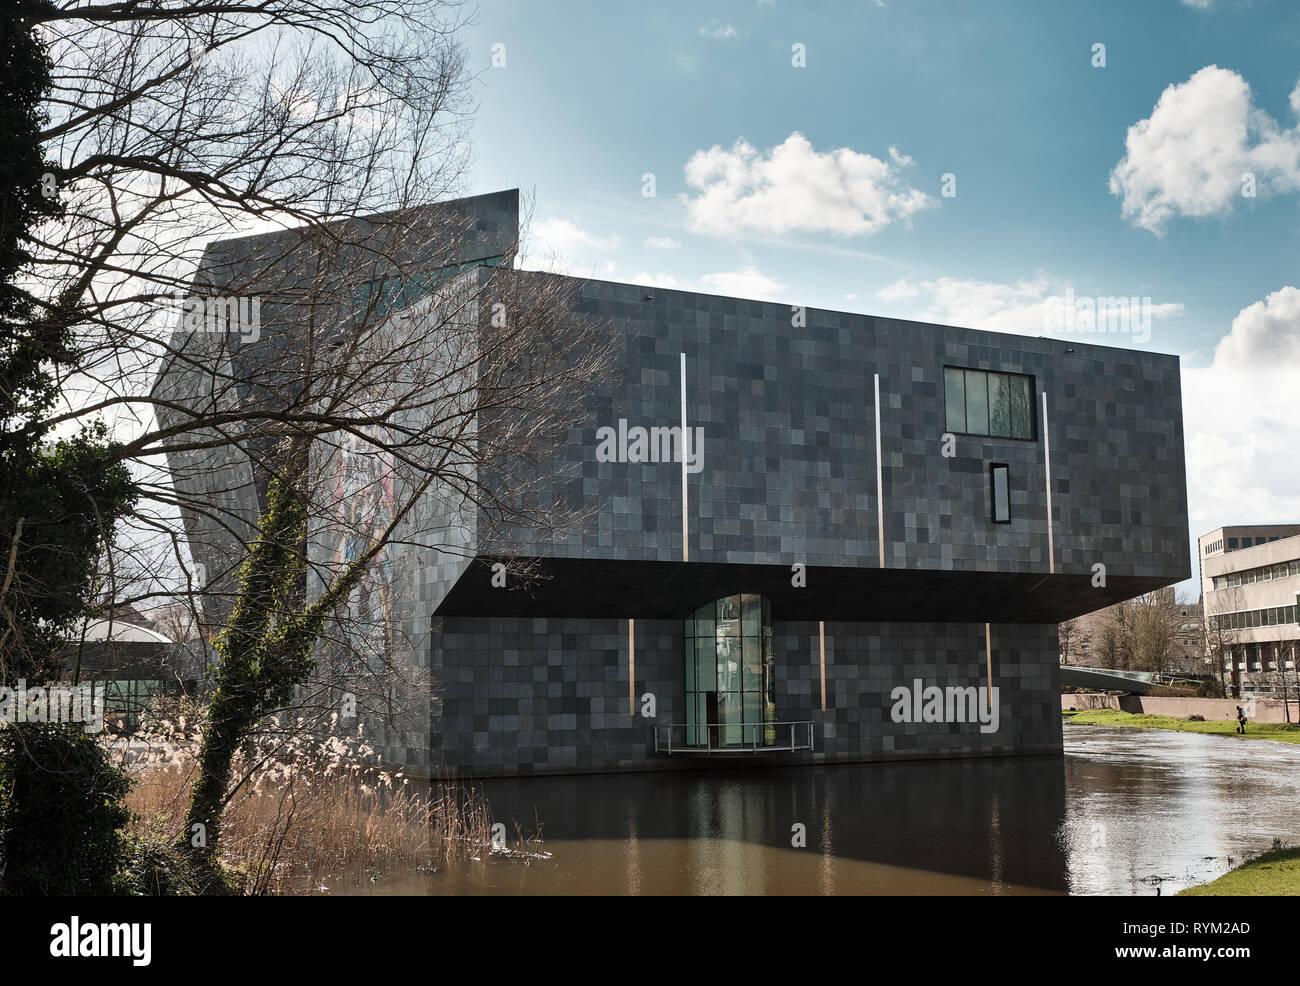 Hervorragend Moderne Architektur Und Natur Konzept In Eindhoven   Niederlande Holland